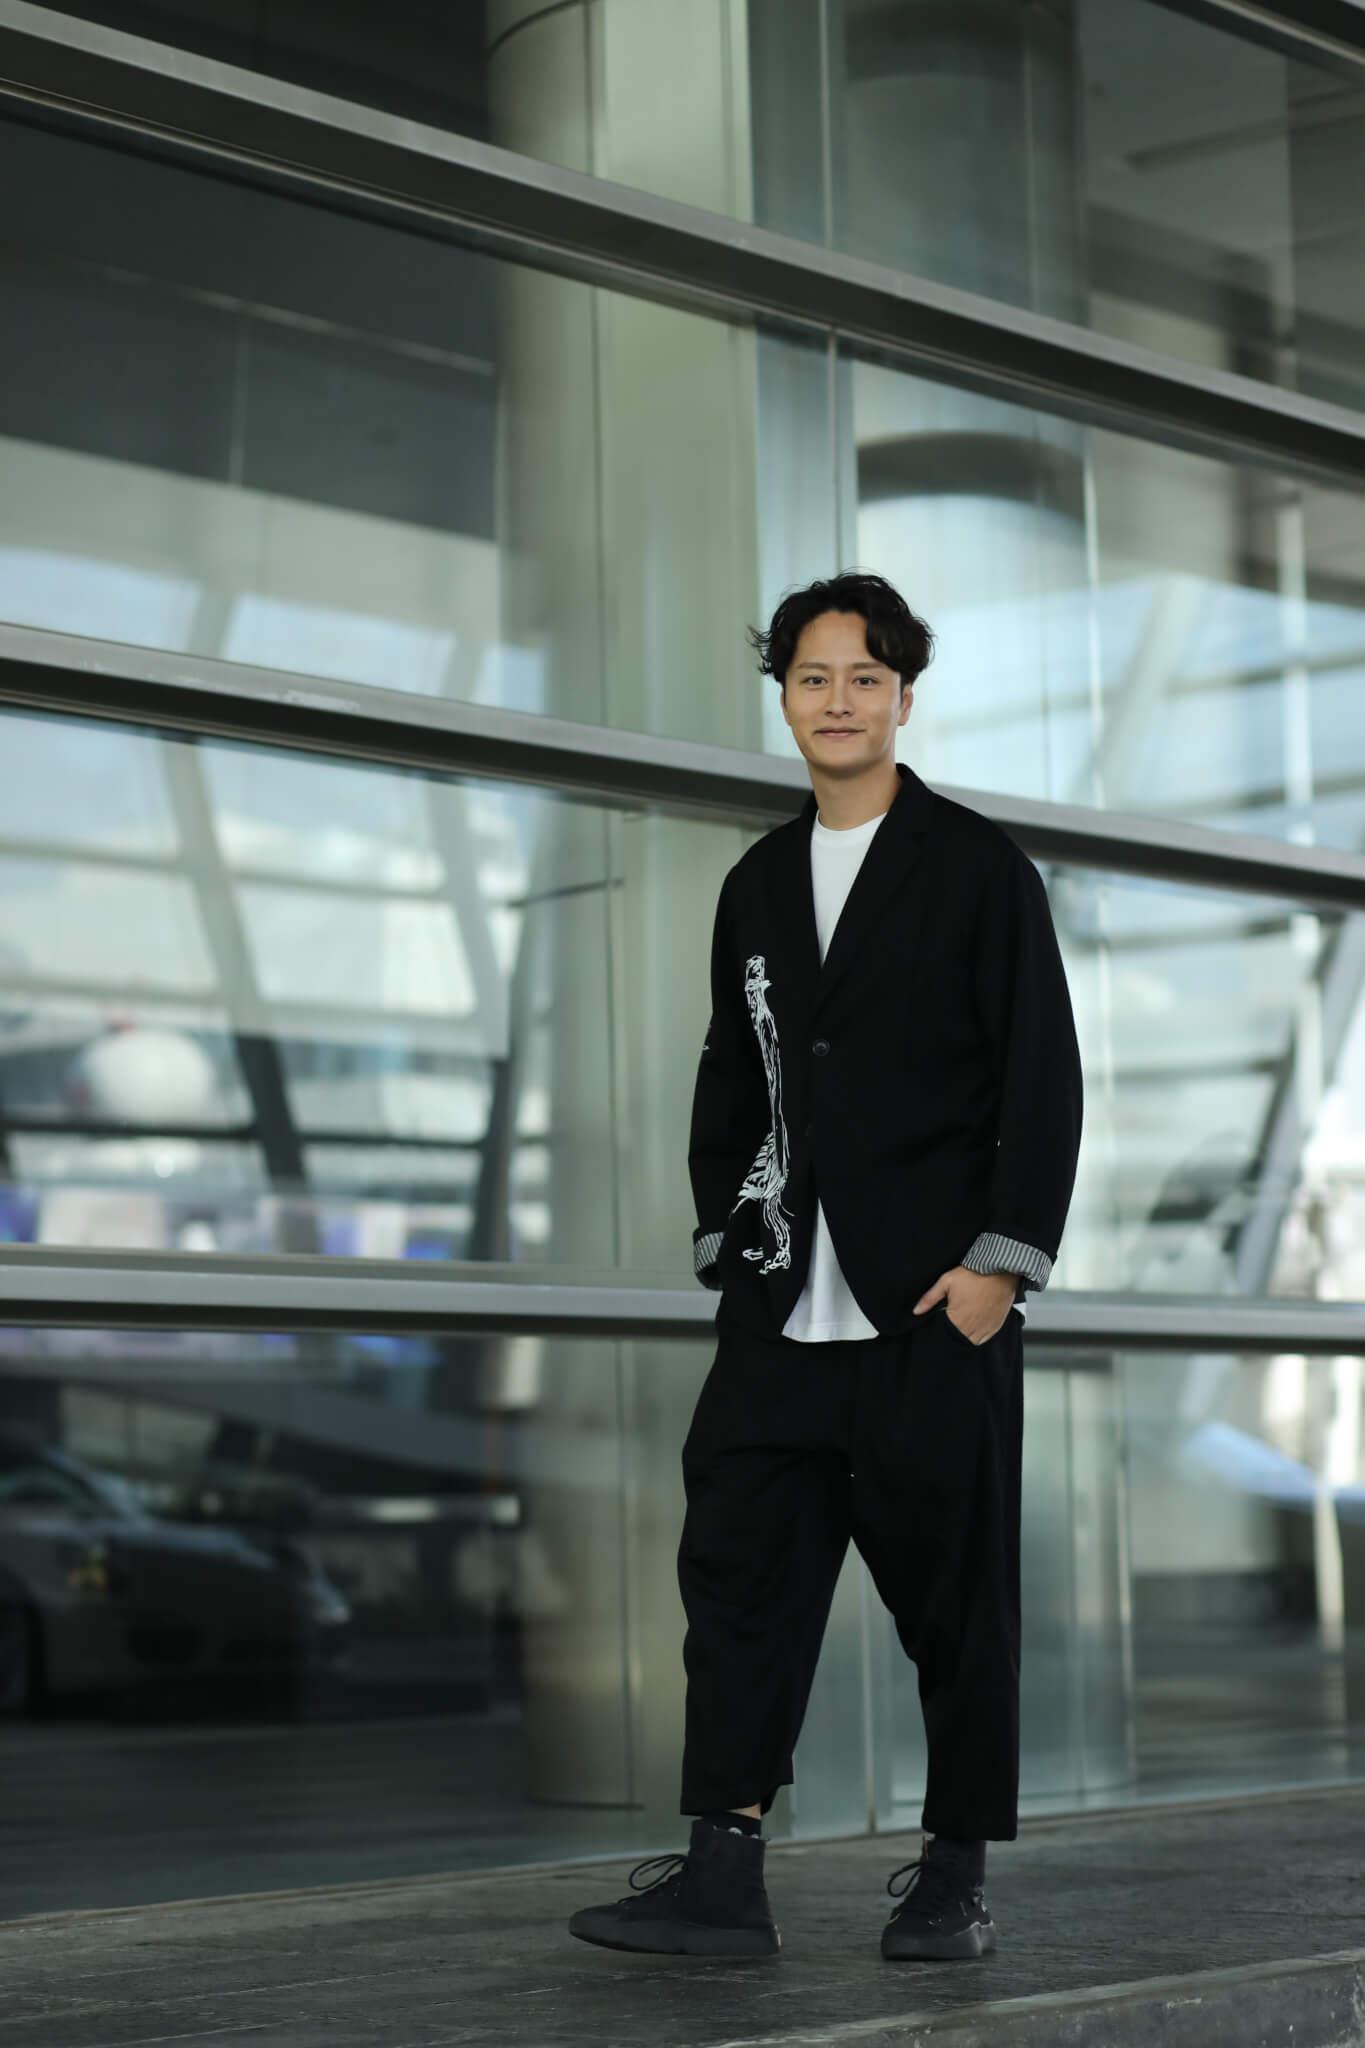 謝東閔於劇集《丫鬟大聯盟》「升呢」為第二男主角,又在去年簽約星夢娛樂,實行歌視雙棲發展。